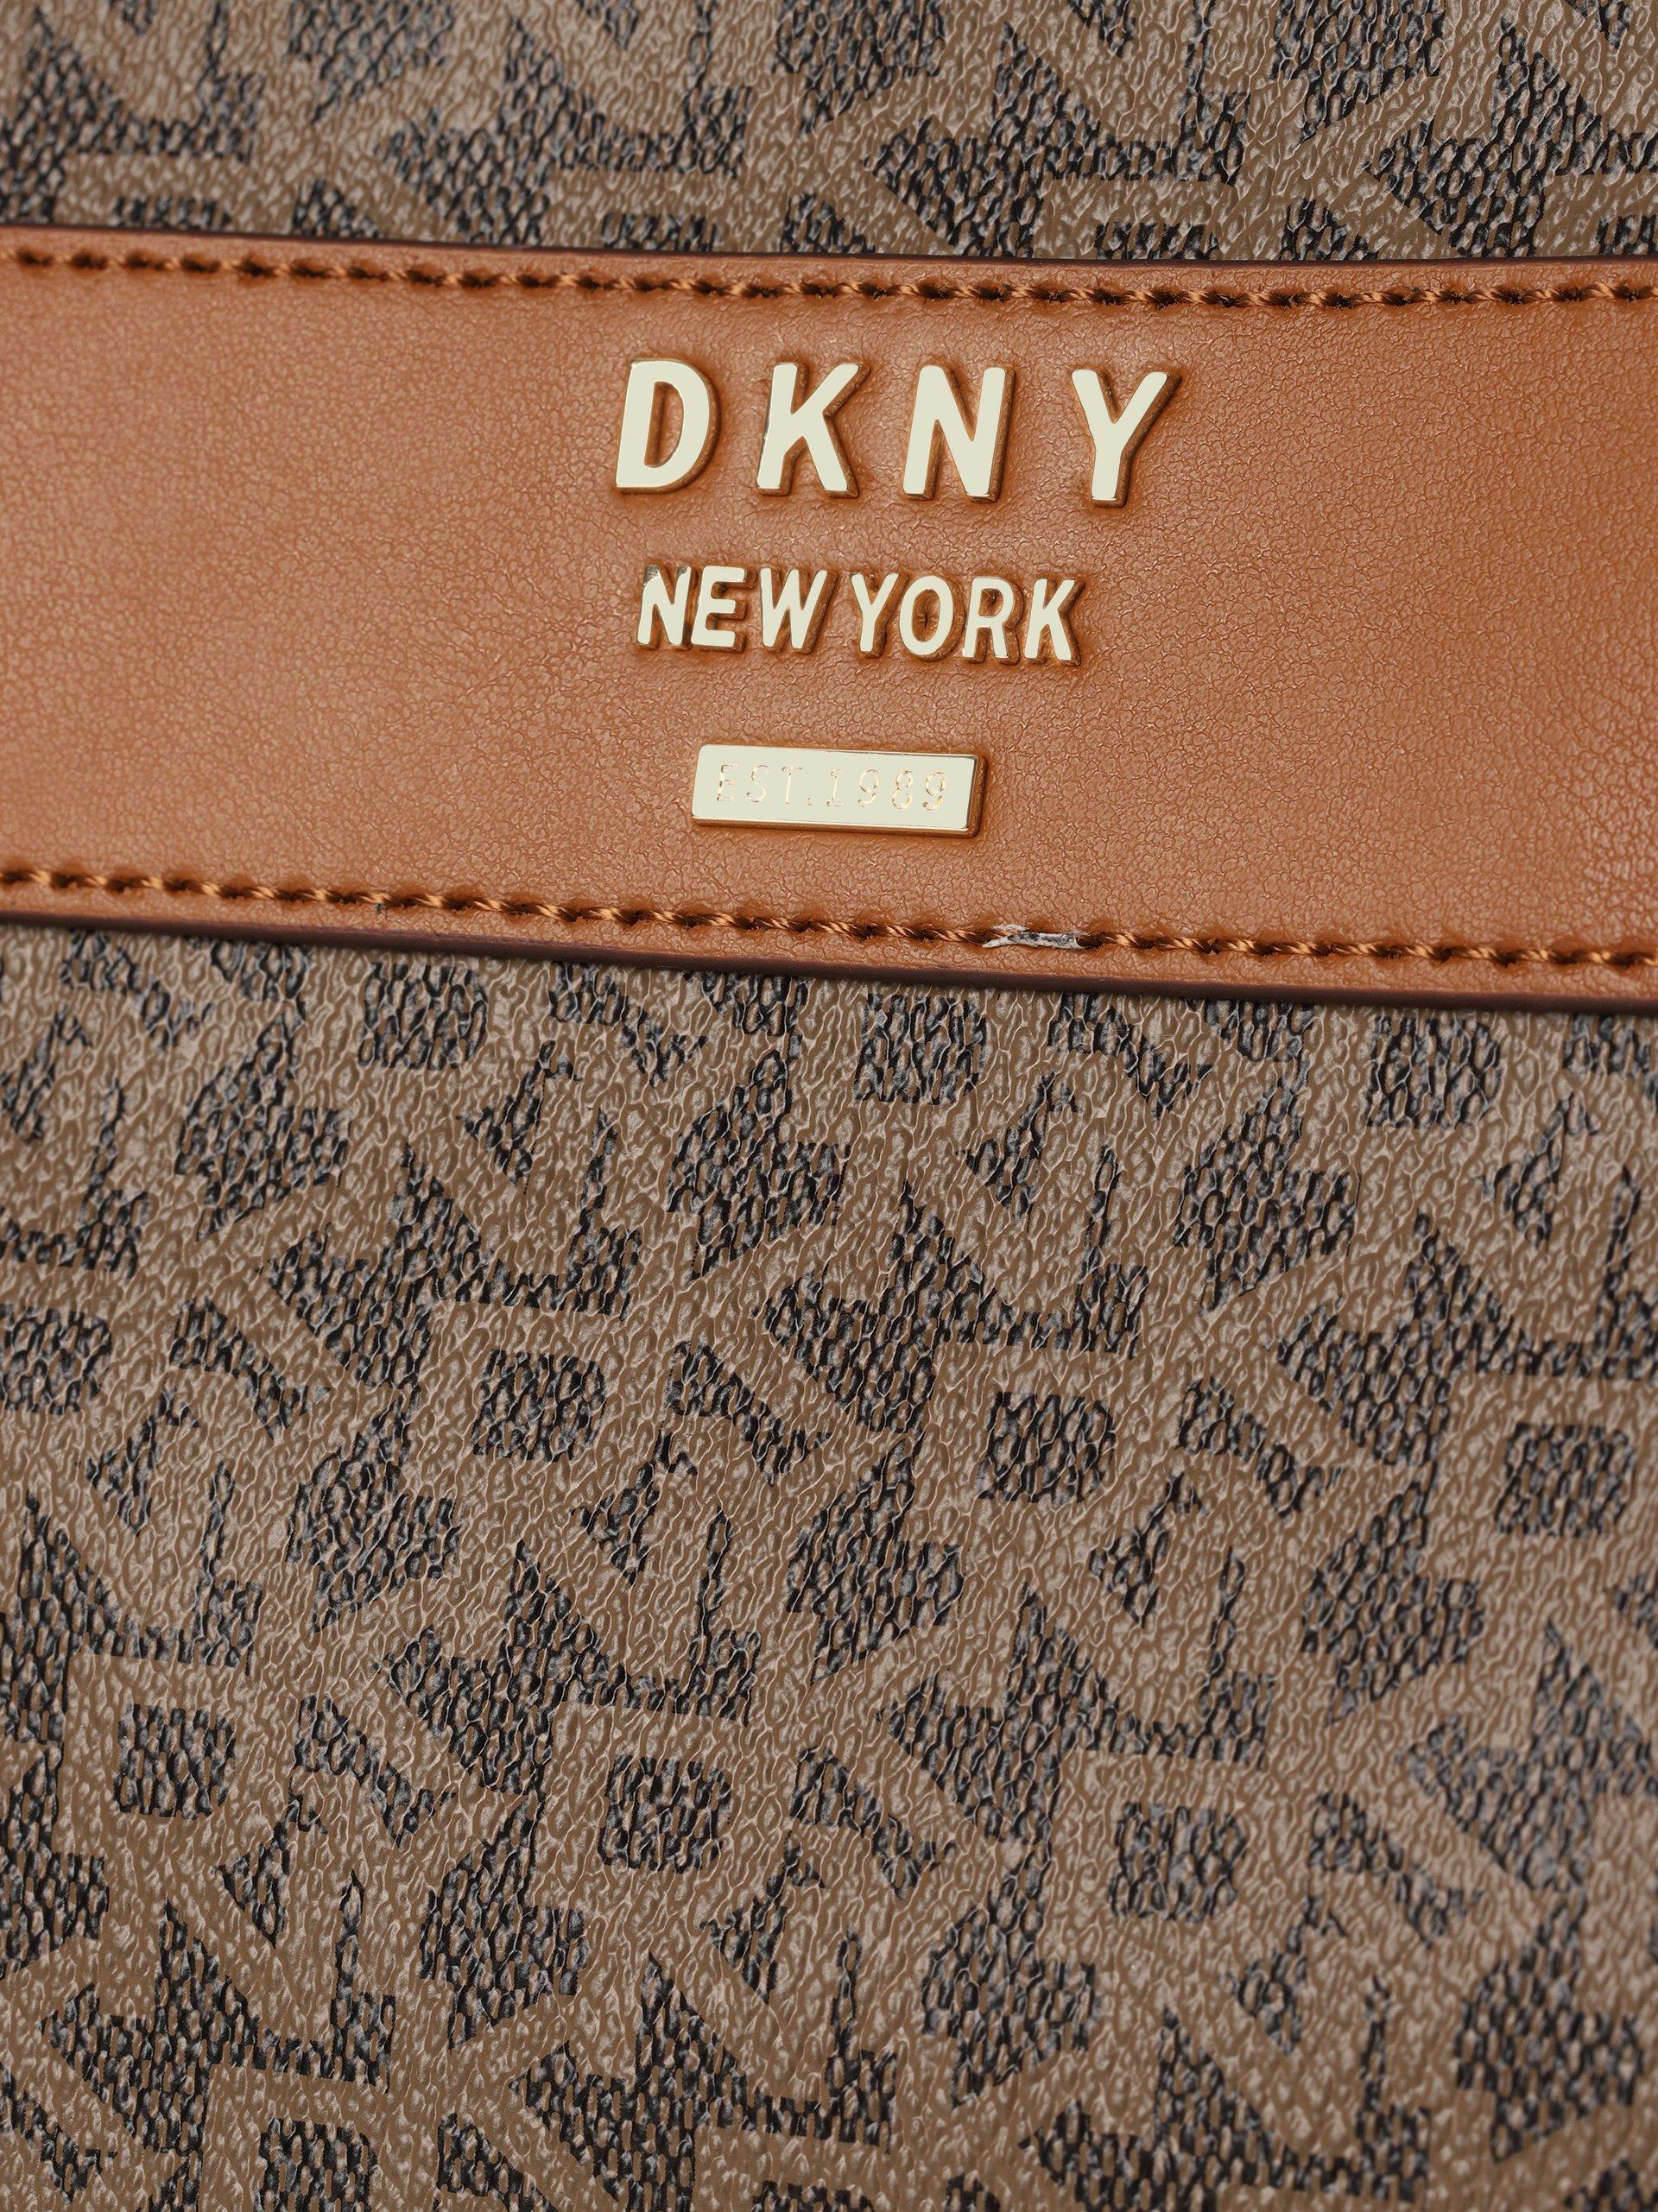 DKNY Damska torba shopper – Warren